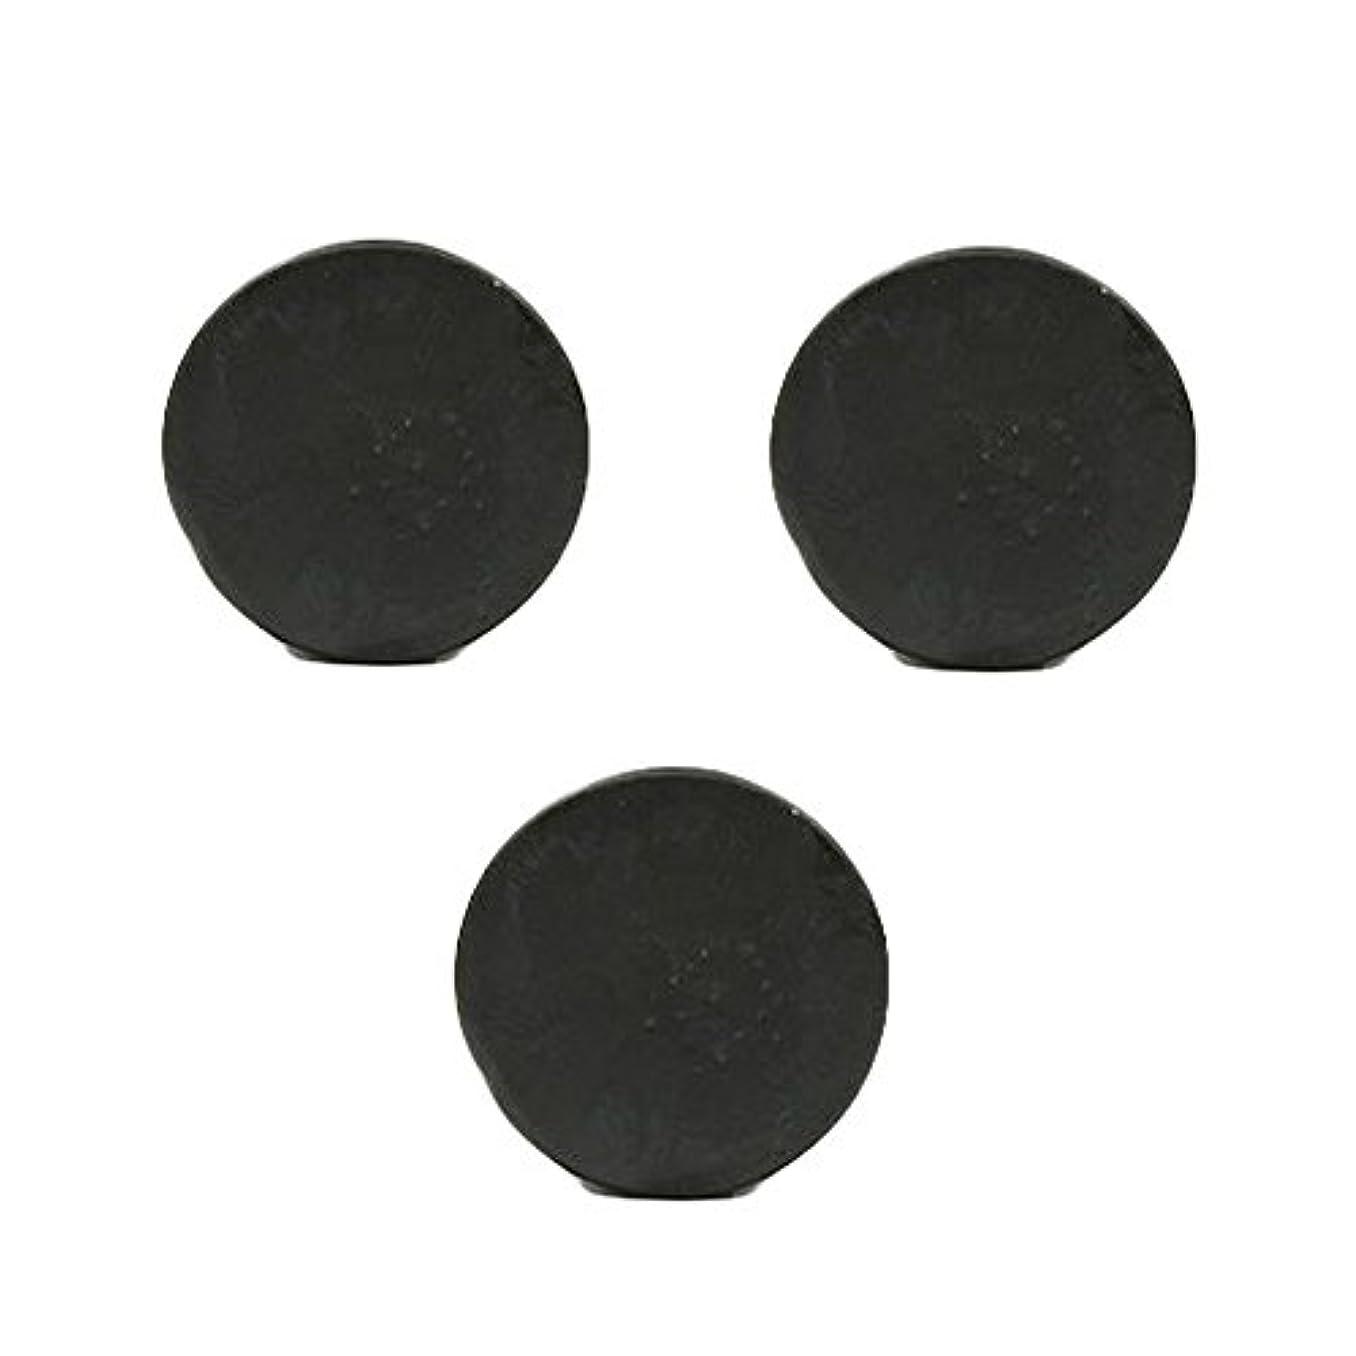 近く分類酔う薬用人参クレンジングソープ3個 / Fermented Dark Black Ginseng Cleansing Soap 3pcs[海外直送品] [並行輸入品]